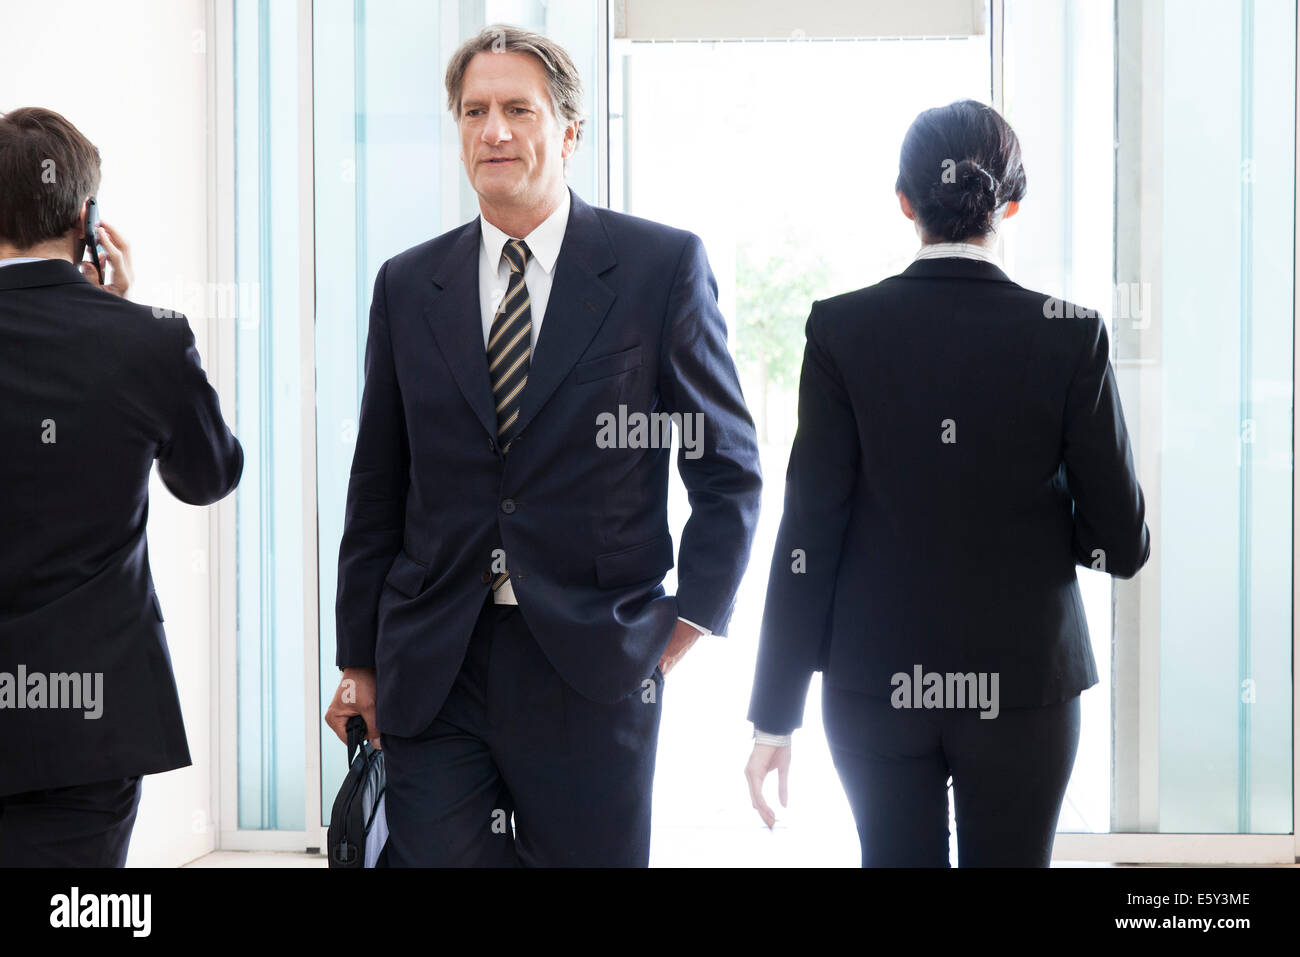 El empresario entrar en el vestíbulo del edificio de oficinas Imagen De Stock